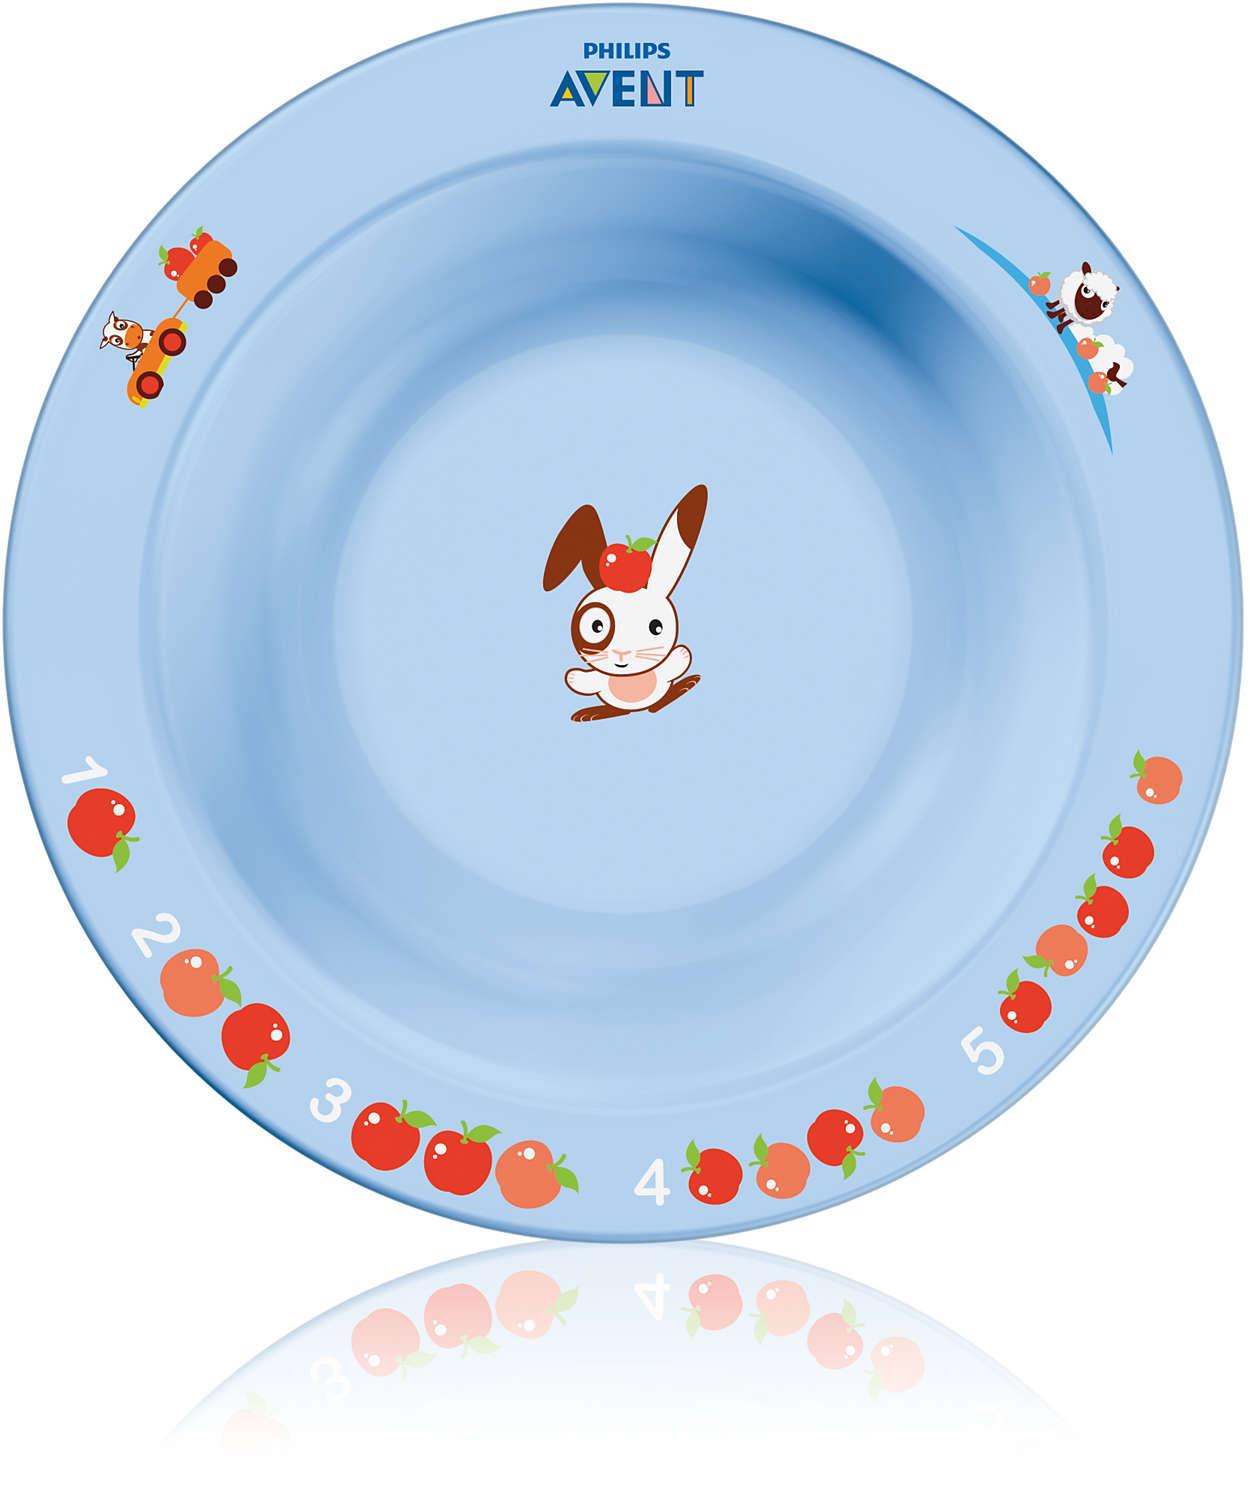 Estimula la alimentación de forma divertida